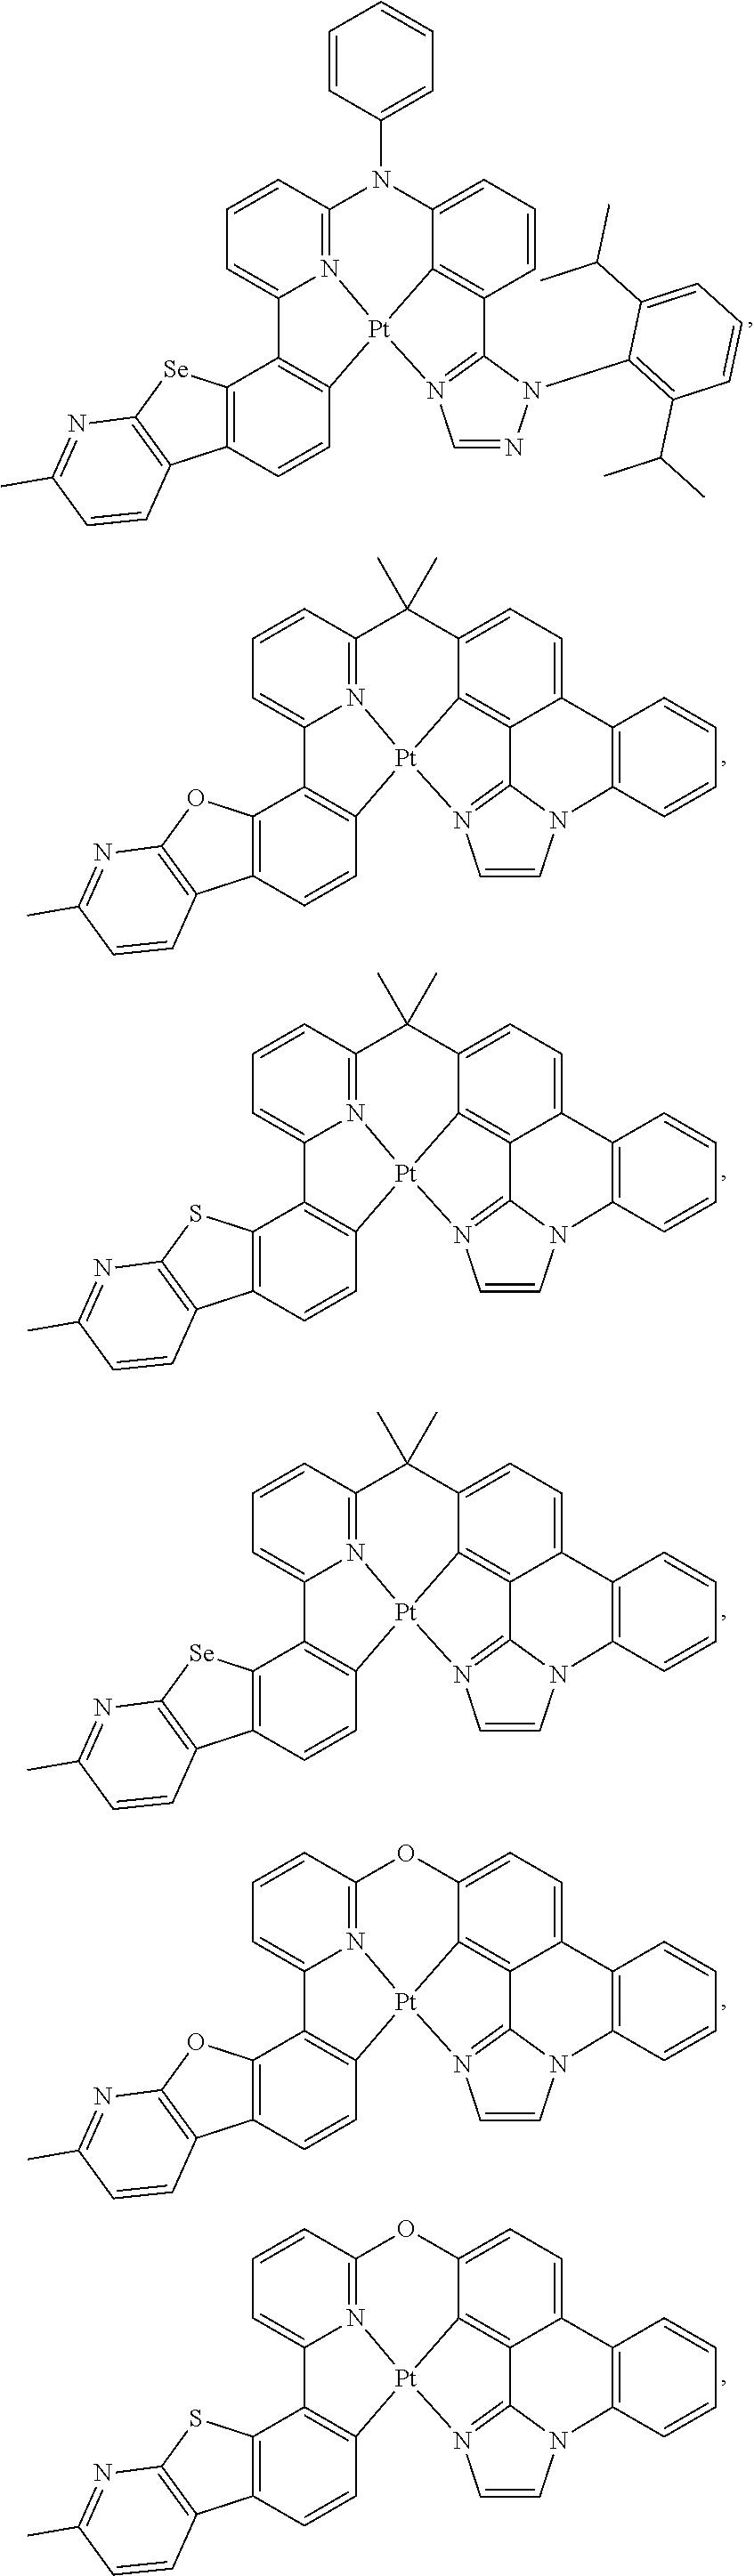 Figure US09871214-20180116-C00031